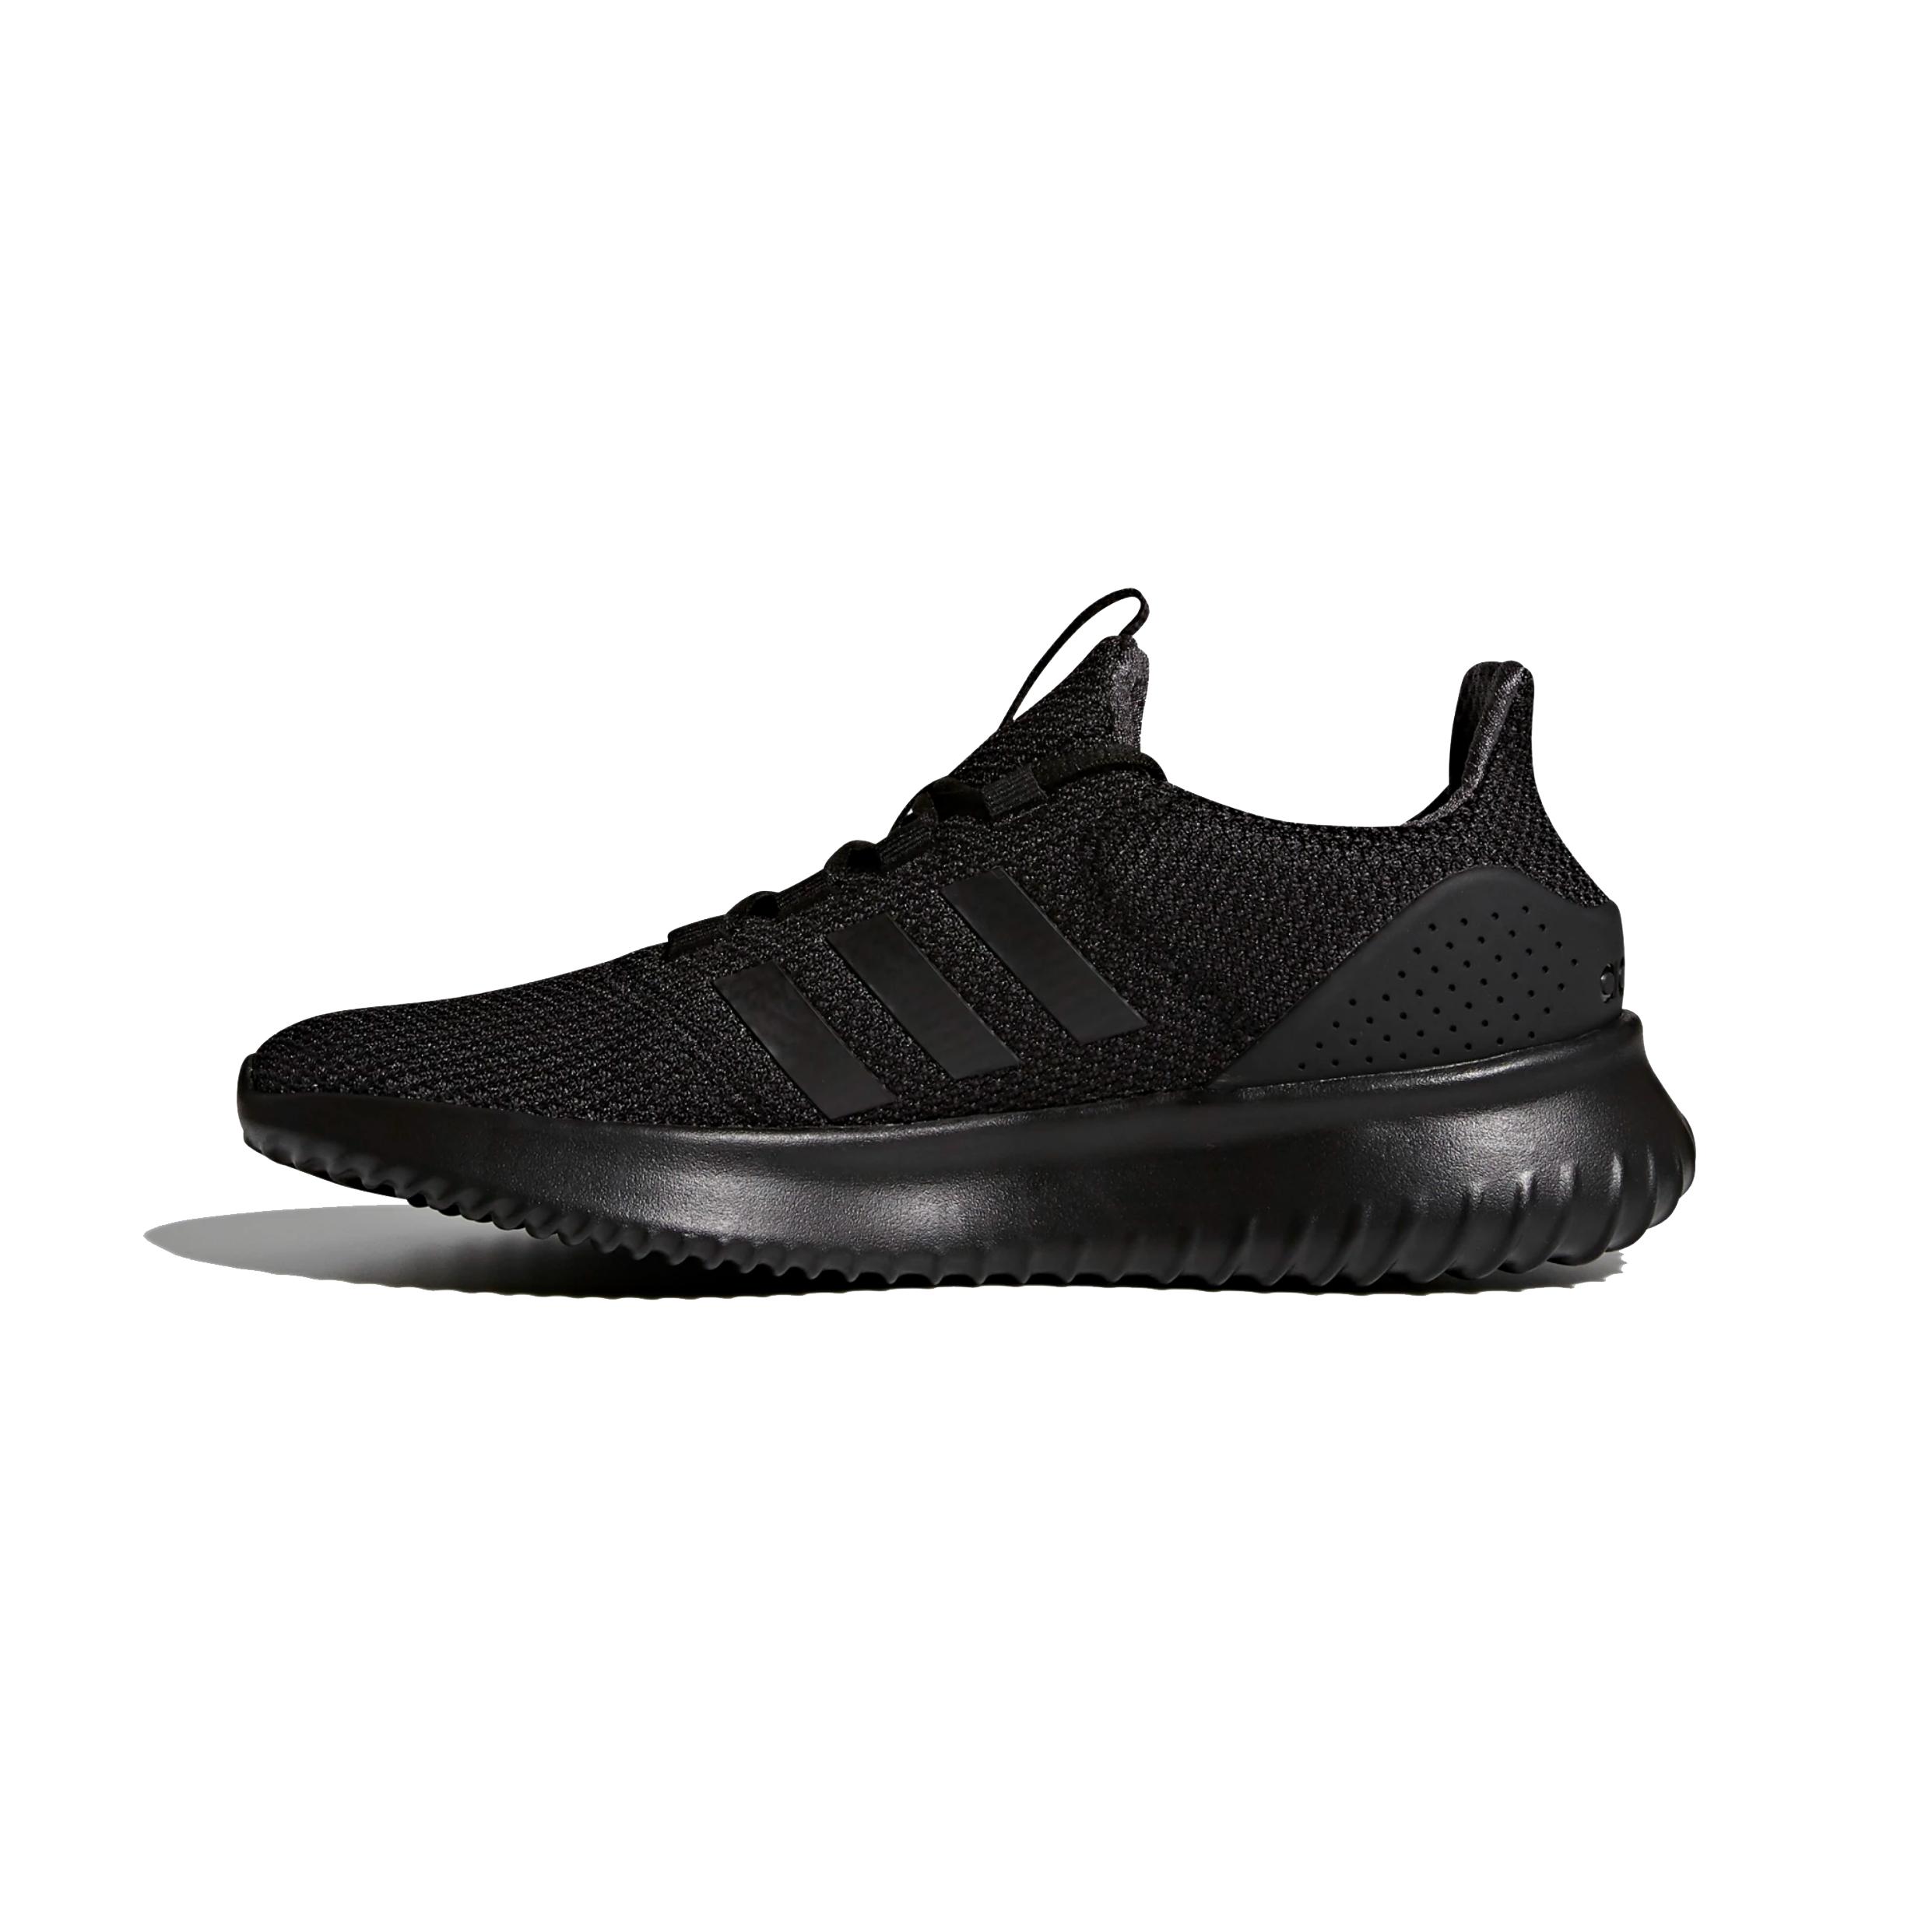 Details about Adidas Men's Essentials Cloufoam Ultimate Shoes